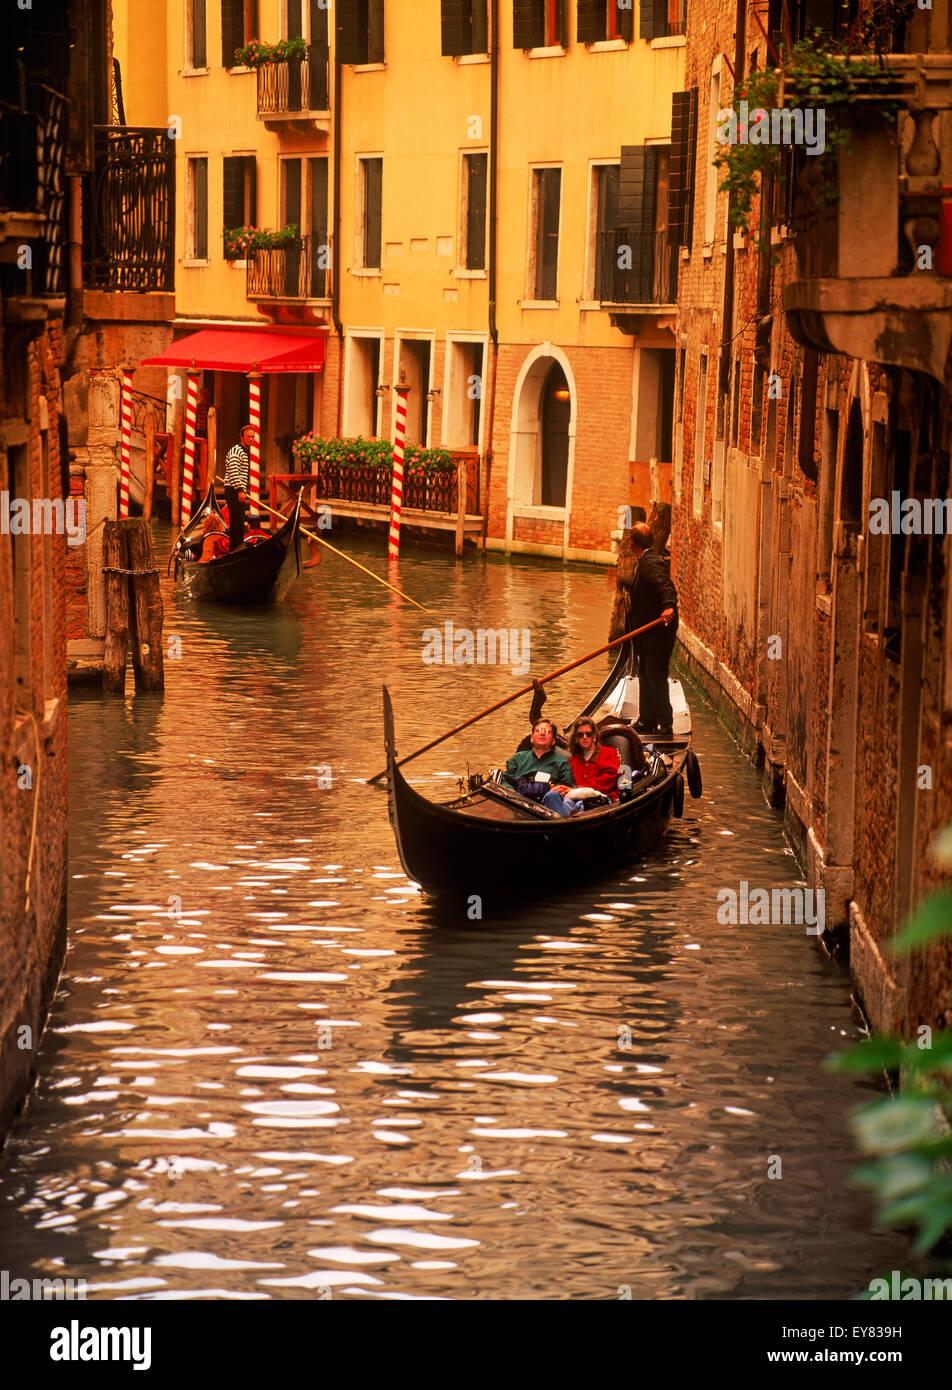 Las góndolas repletas de turistas pasando por estrechos canales en Venecia. Imagen De Stock